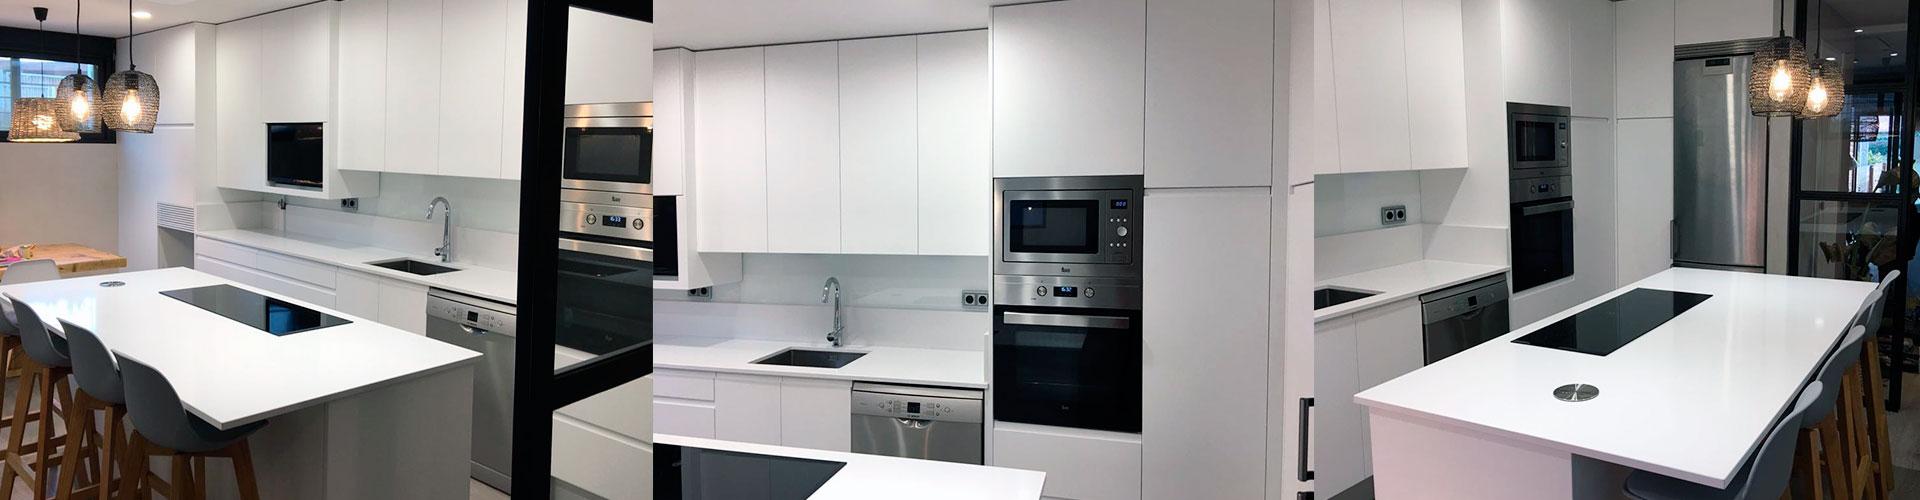 Muebles de cocina para Madrid y Toledo. - Muebles de cocina para ...